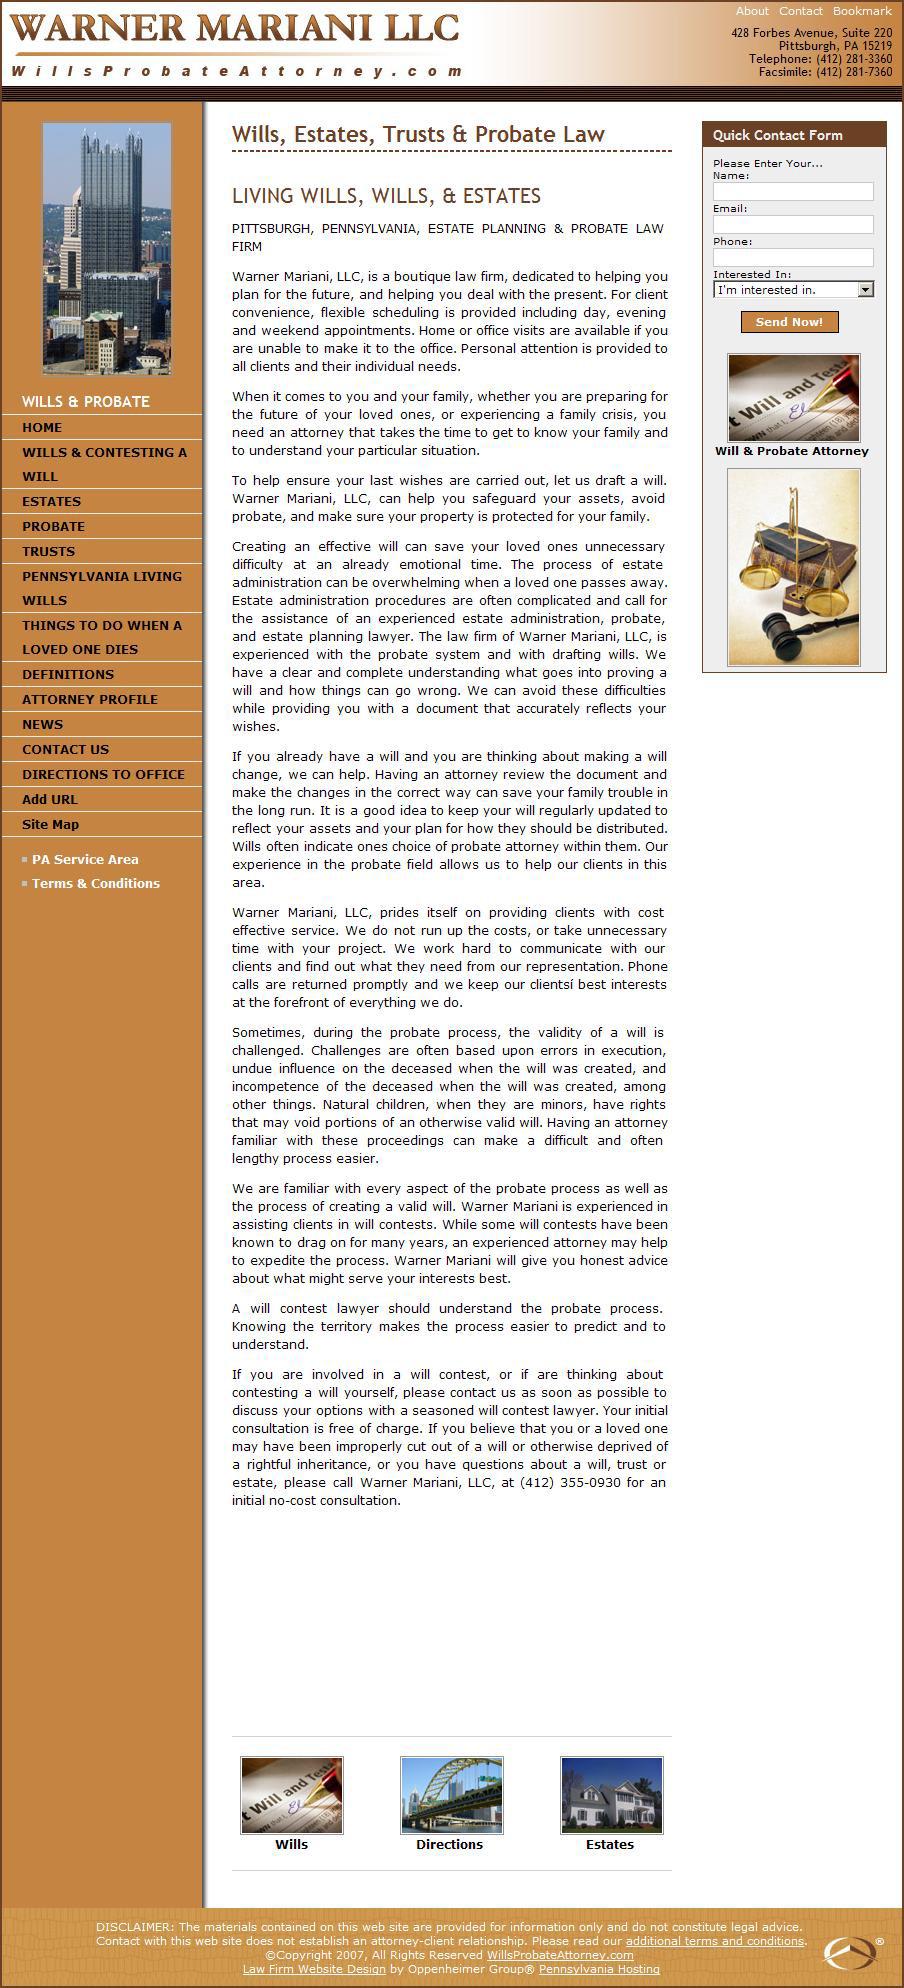 Wills Probate Attorneys - attorney website design